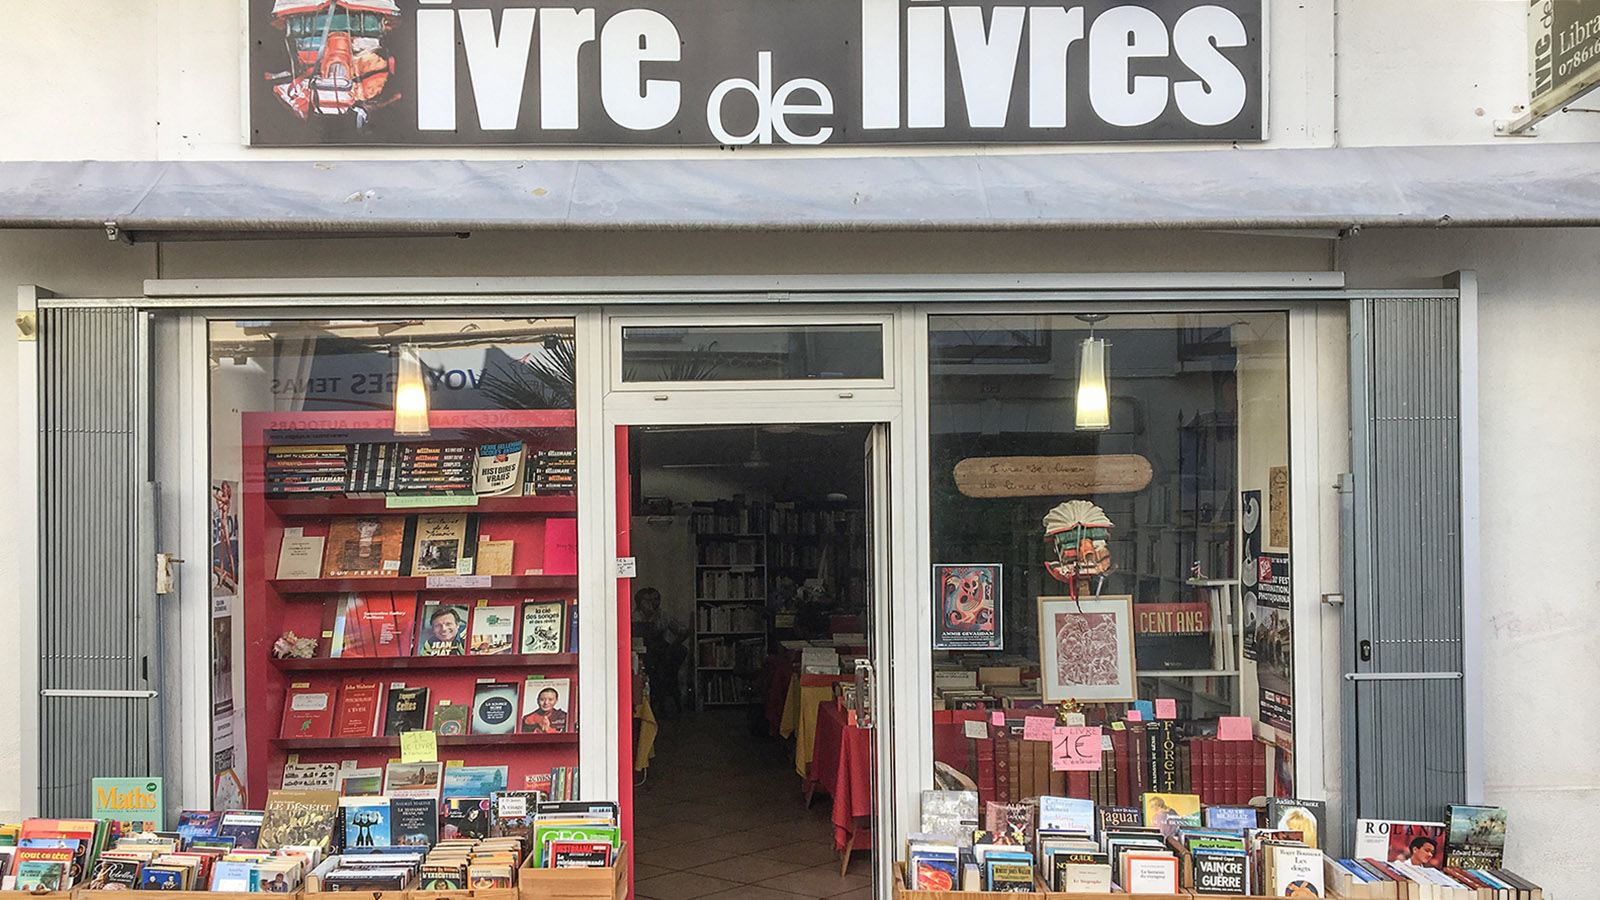 Trunken von Büchern - was für ein Name für einen Buchladen! Foto: Hilke Maunder